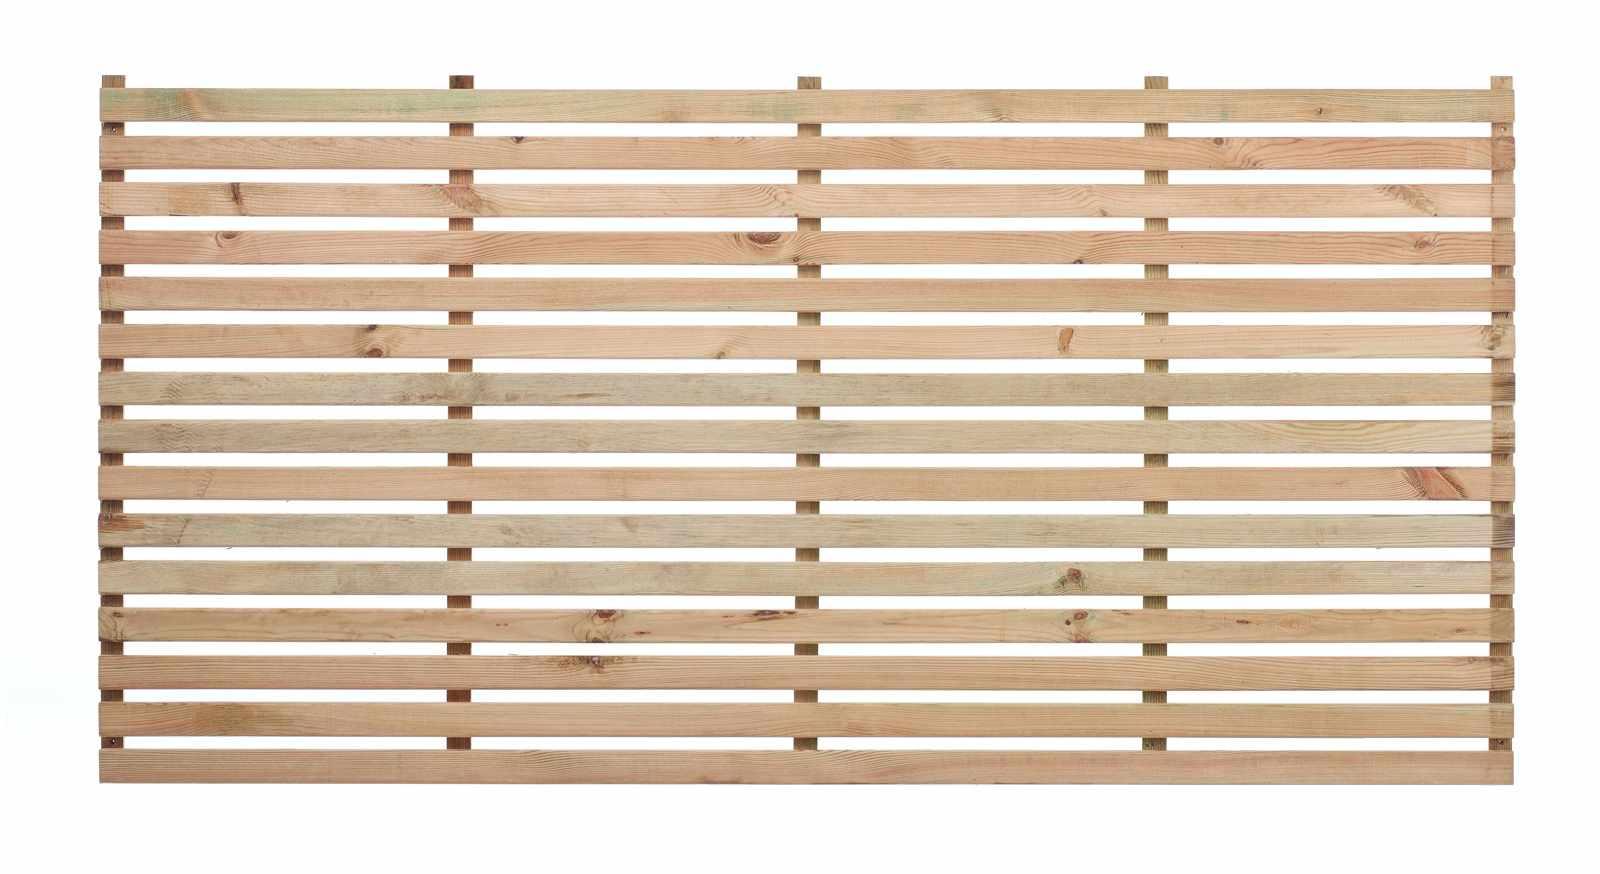 45 15 slatted panel pre painted fsc timber garden. Black Bedroom Furniture Sets. Home Design Ideas